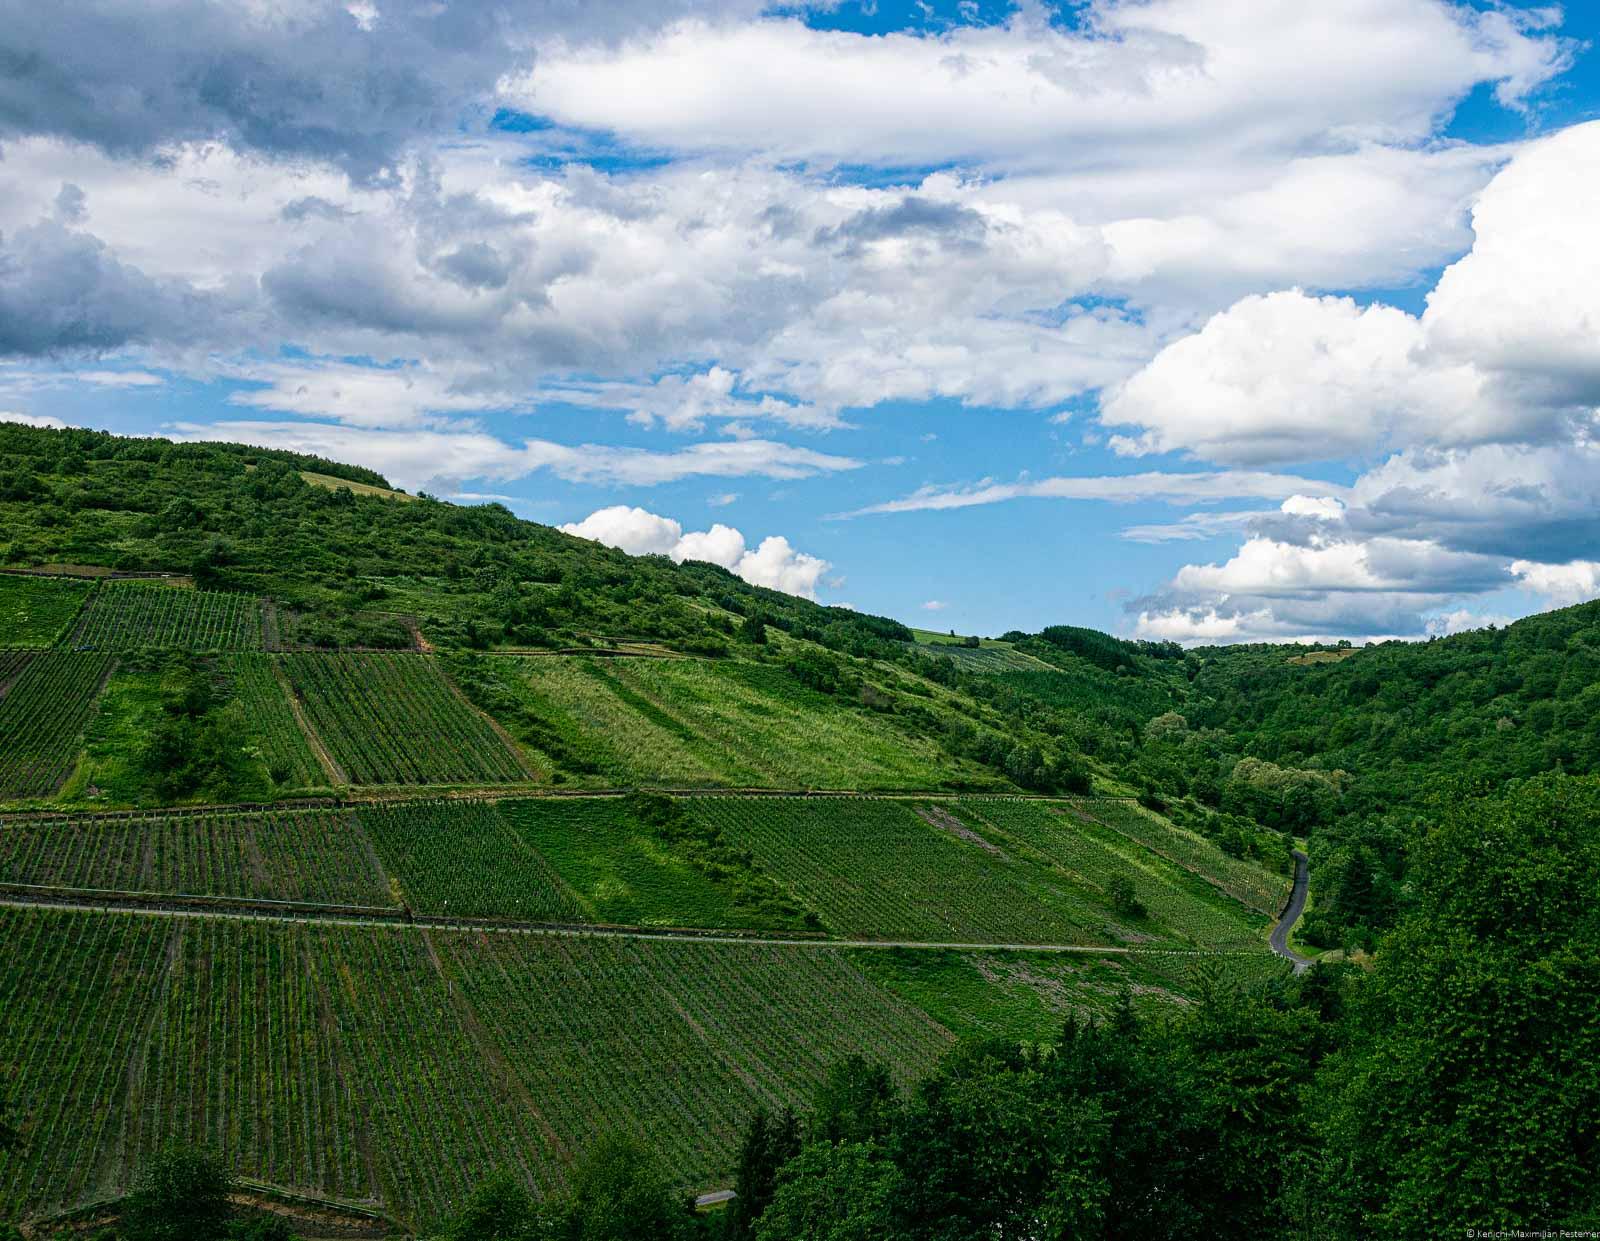 Steiler Weinberg Waldracher Meisenberg links unten; Wald rechts unten; blauer Himmel mit Wolken oben